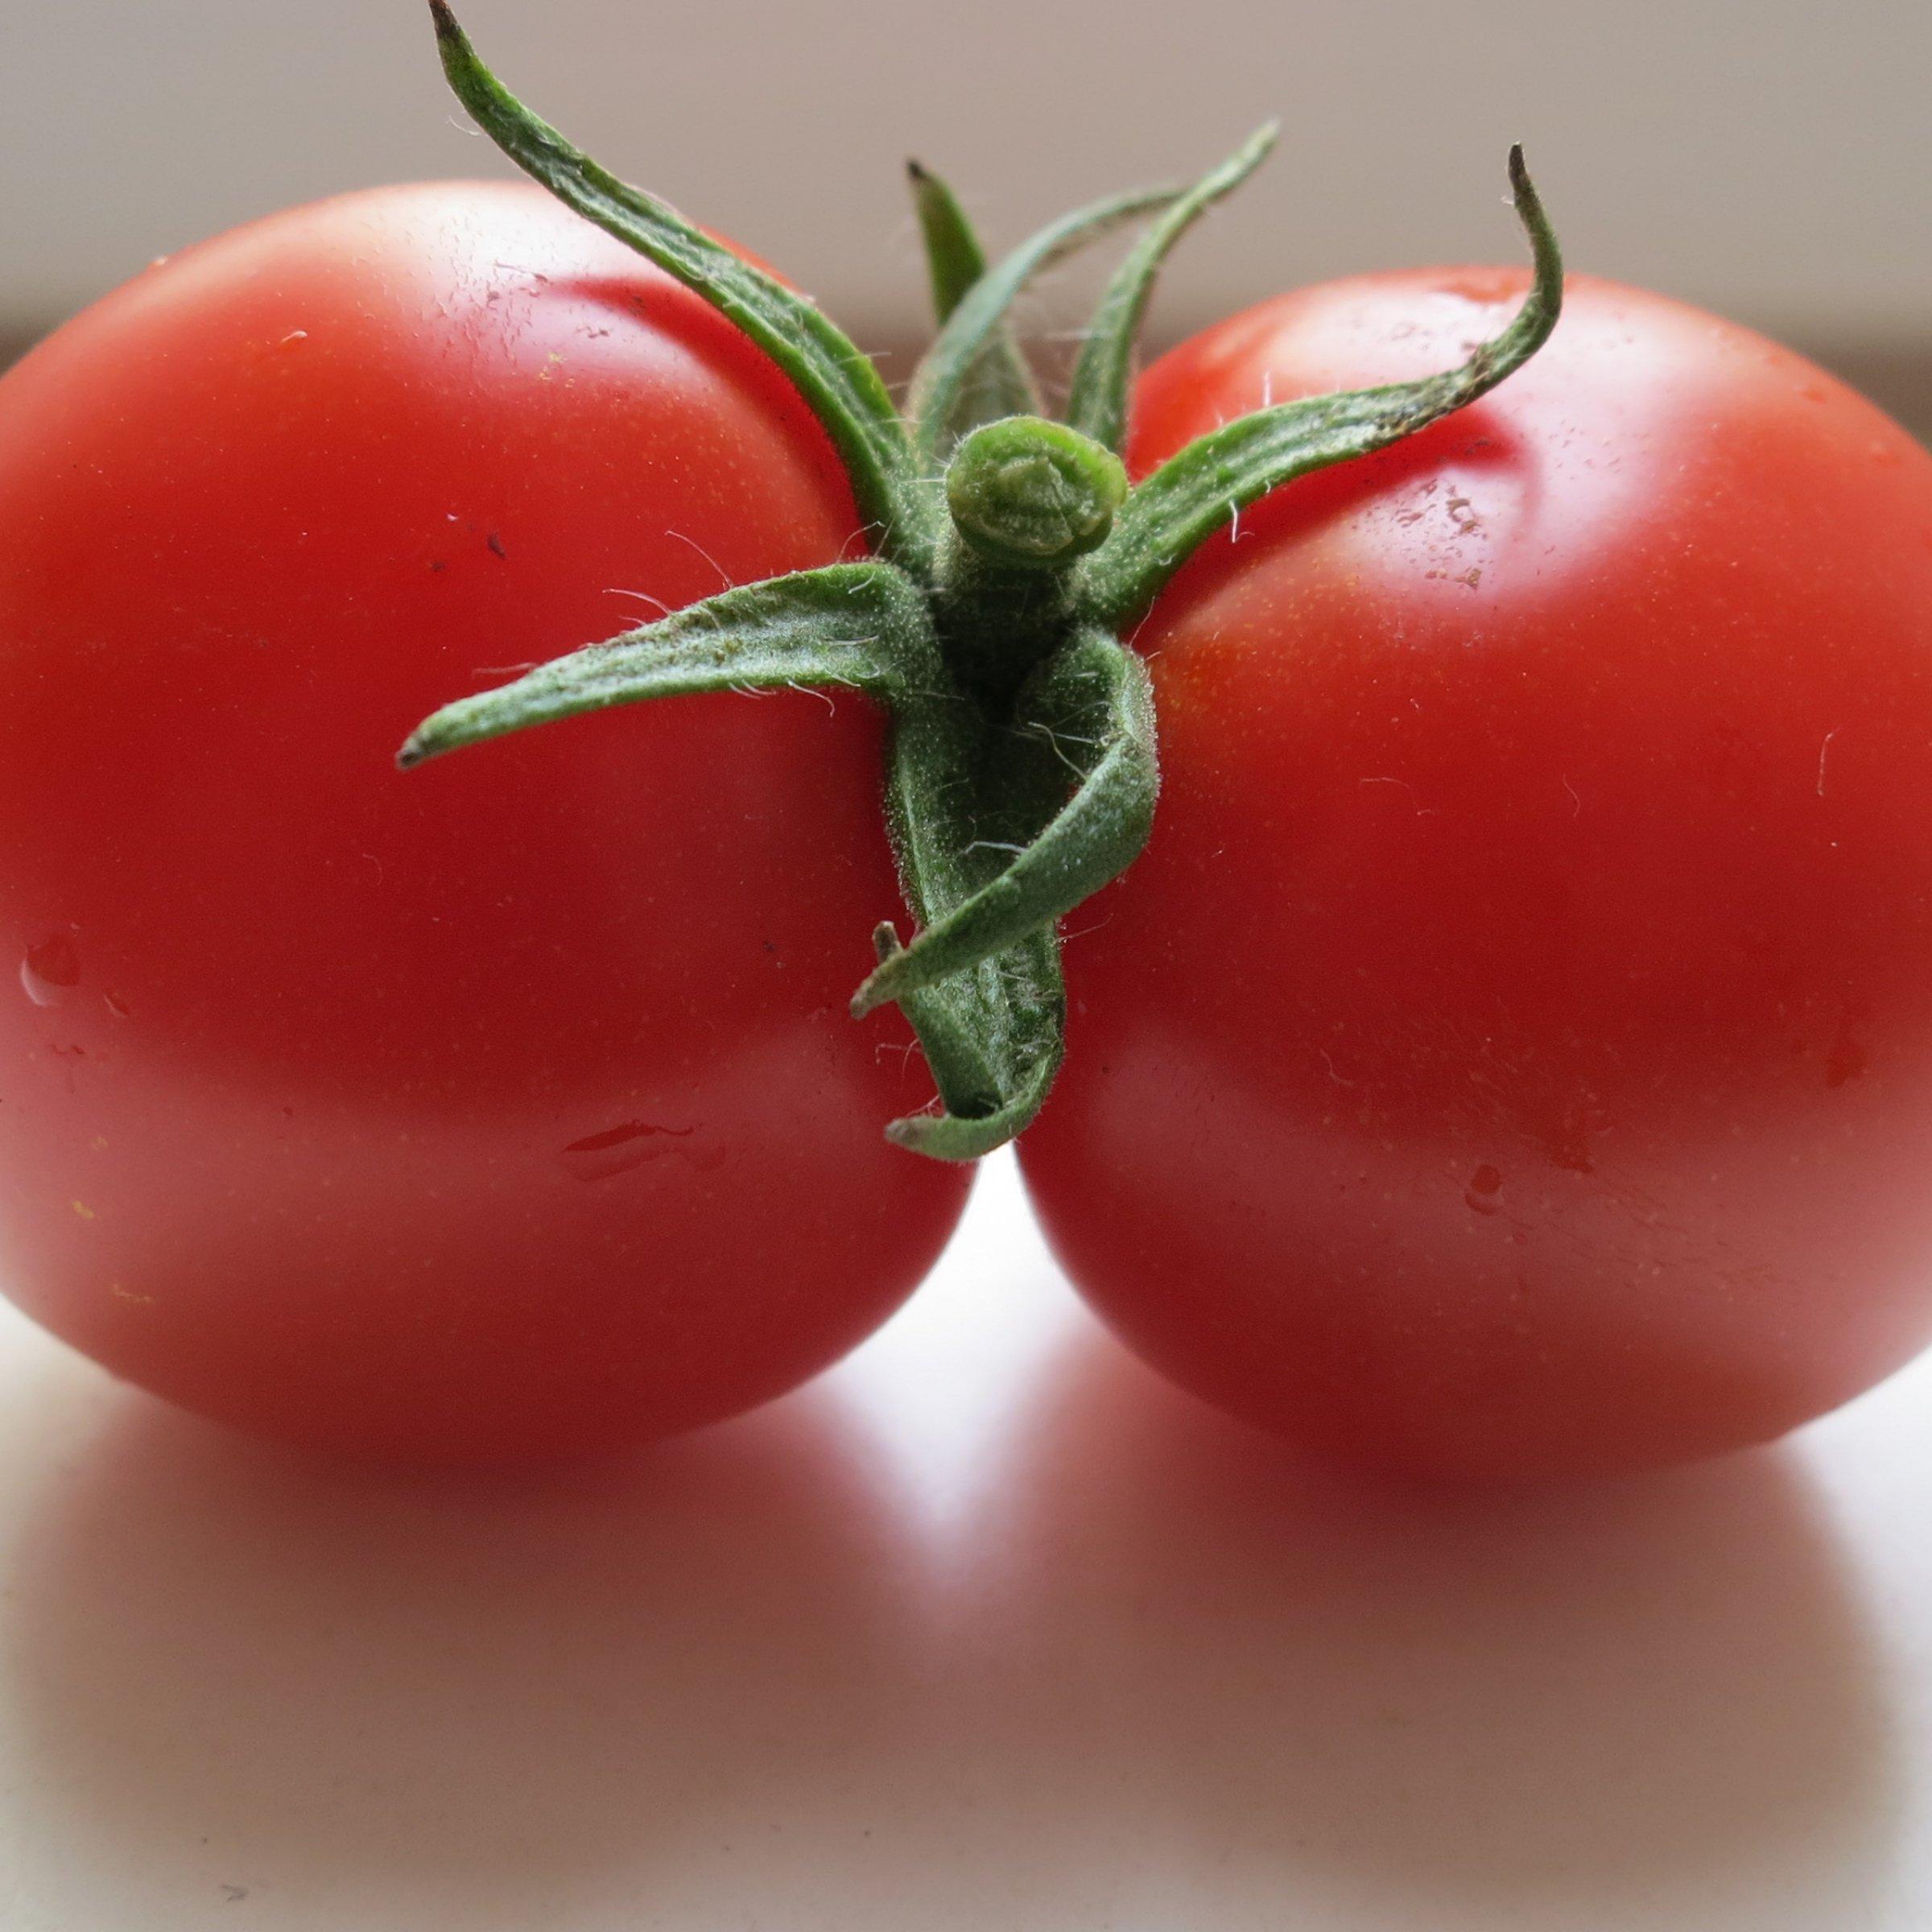 Eine rote Tomate, die aus zwei zusammengewachsenen Früchten besteht.